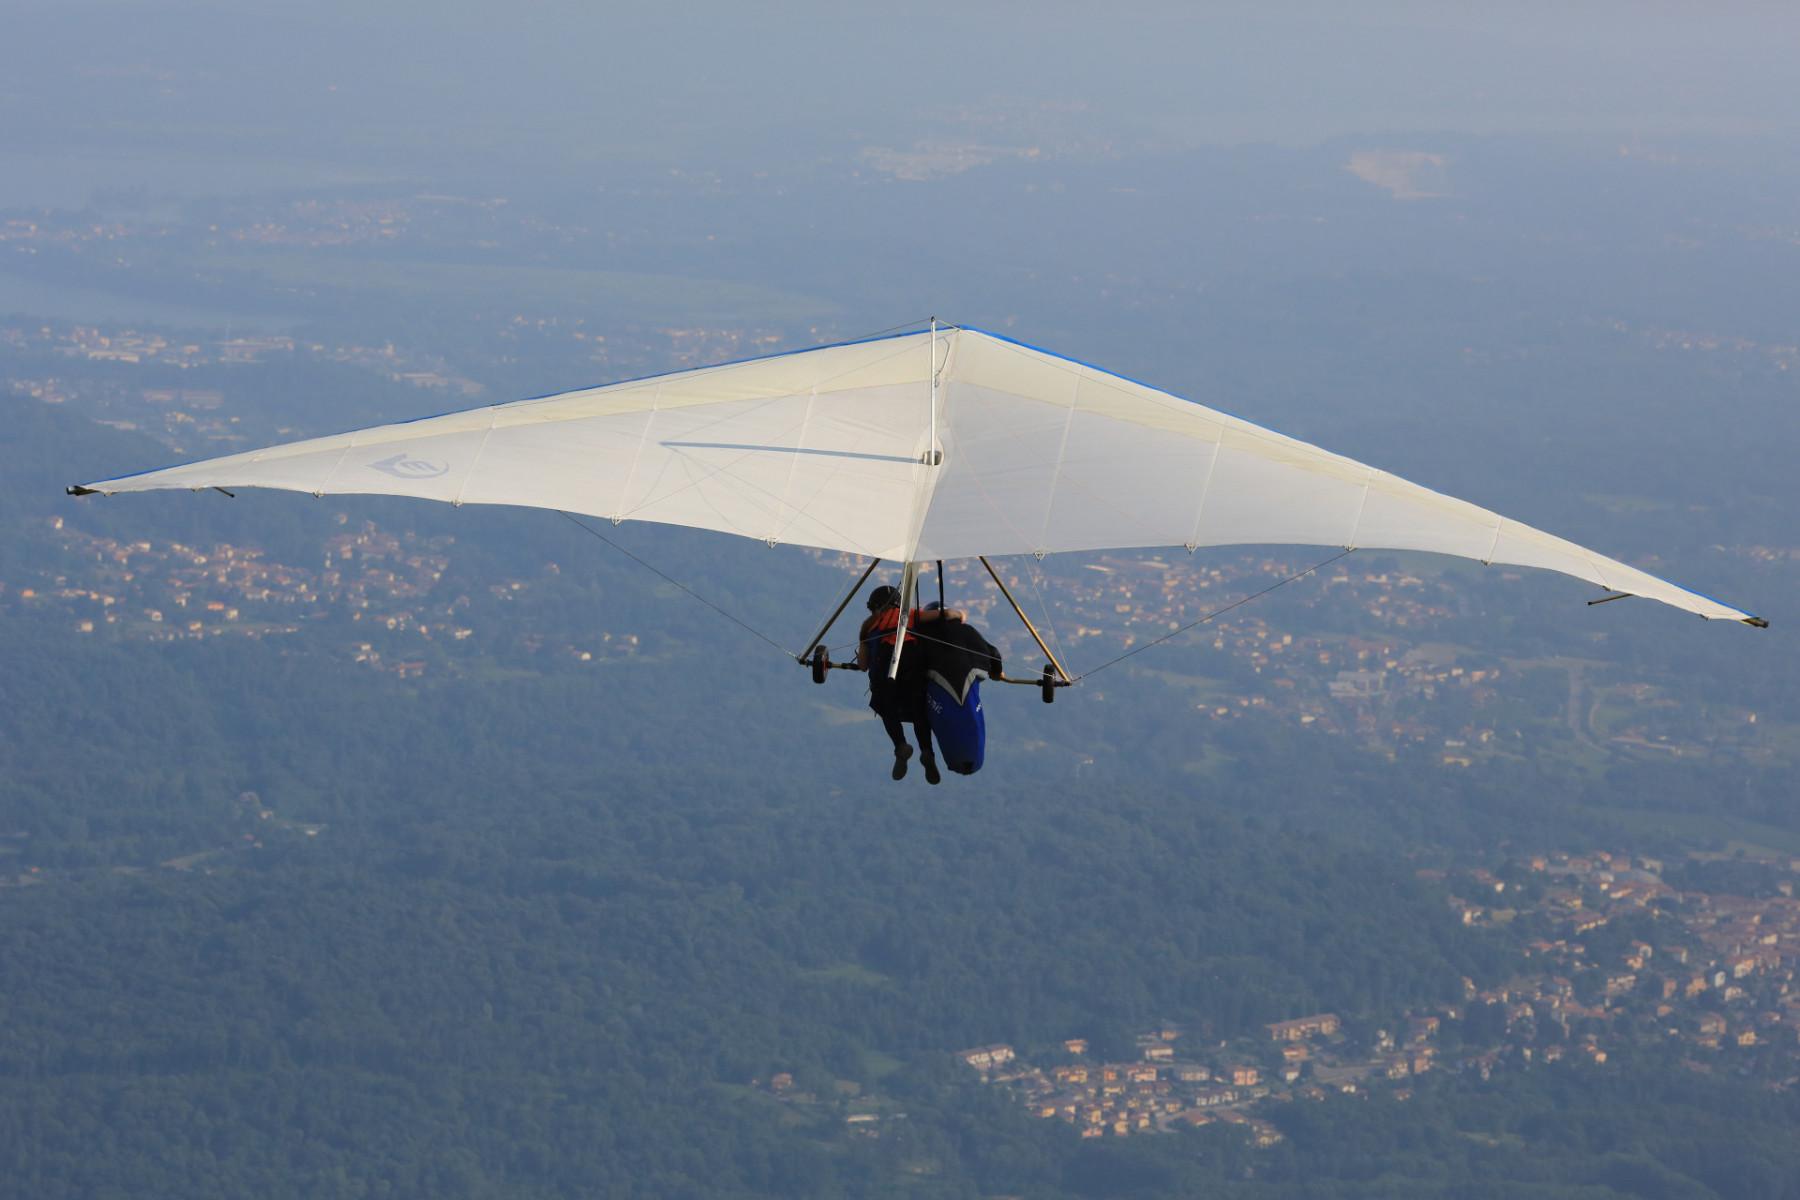 Volo tandem in deltaplano sul Monte Cornizzolo